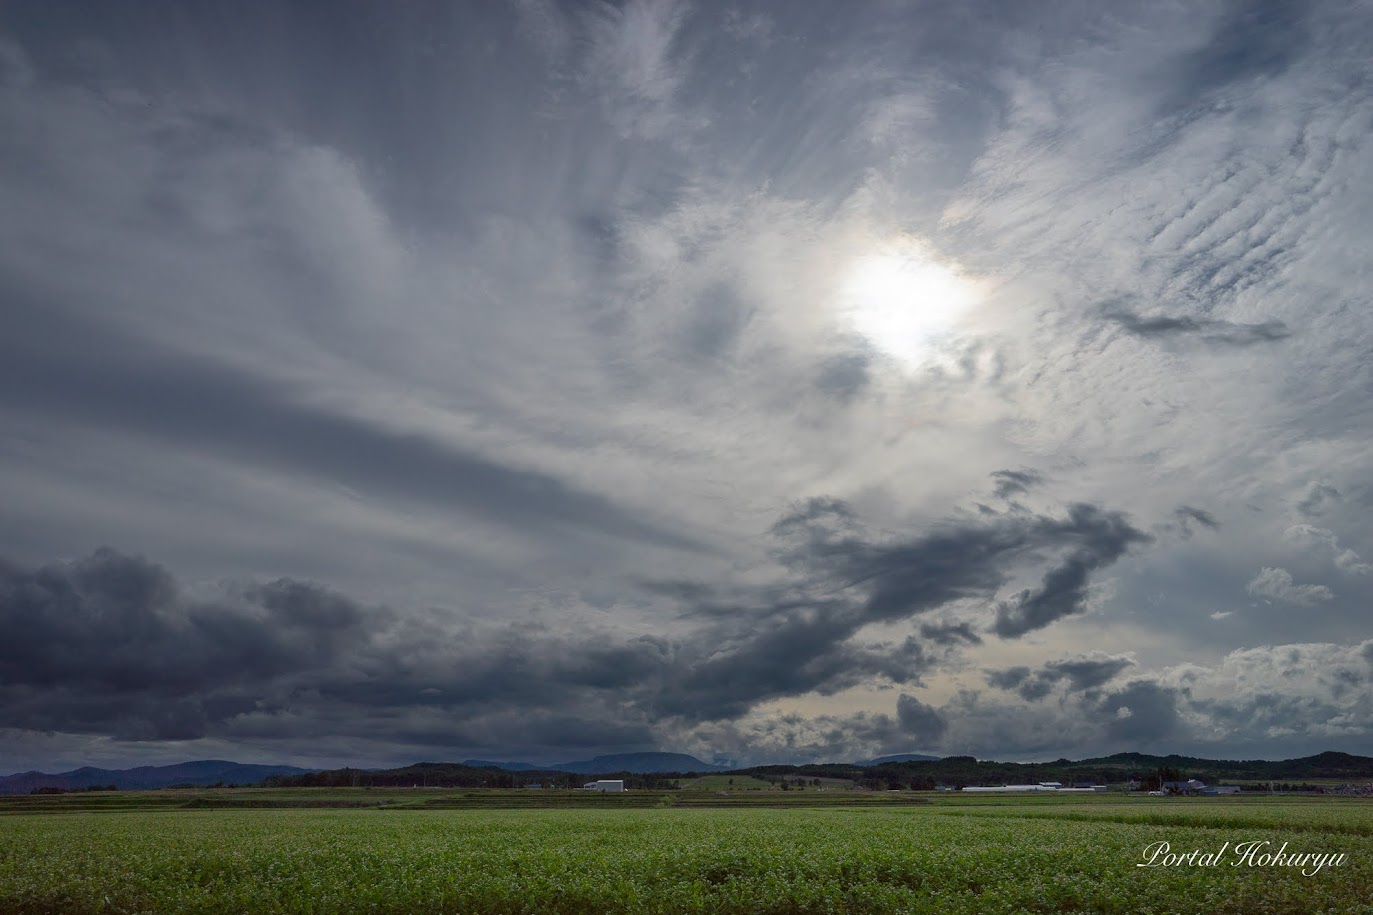 暗雲の背後から差しのべられた希望の光